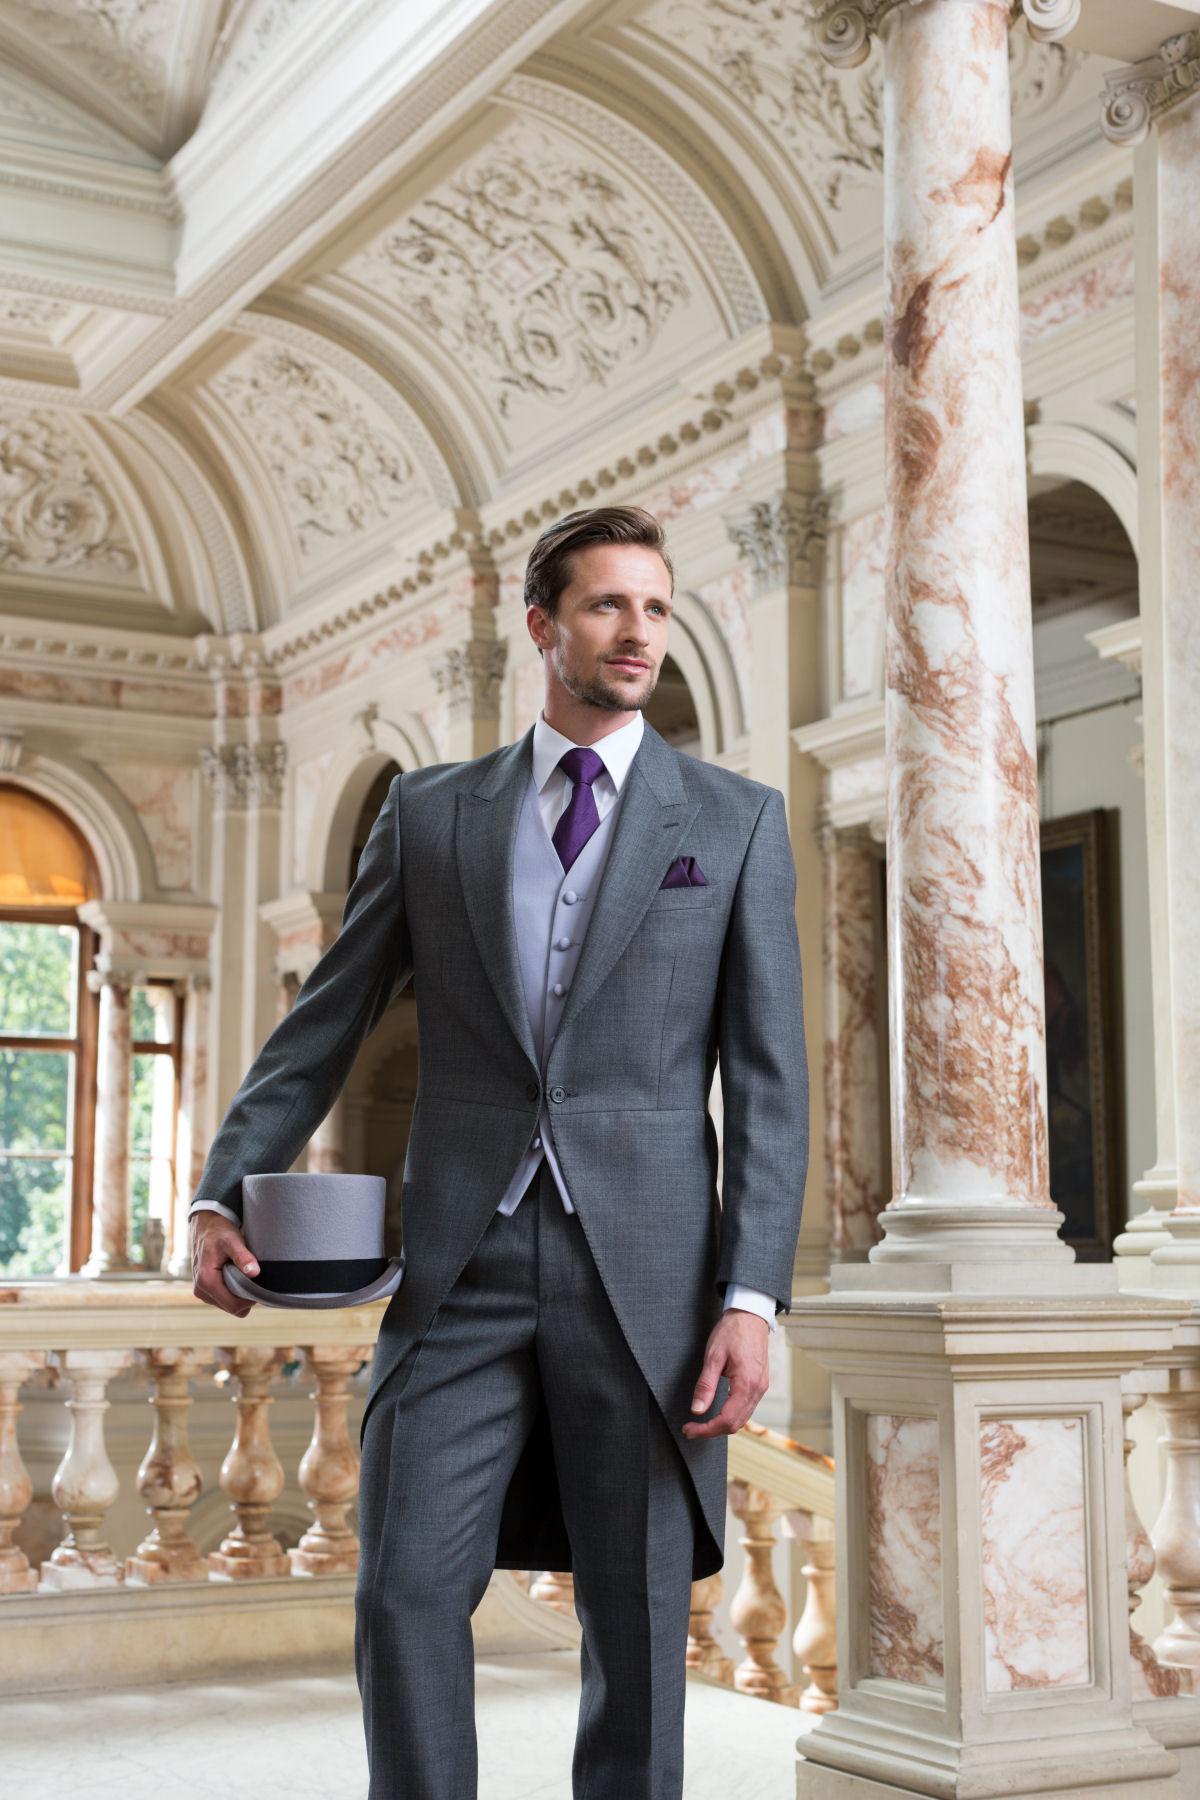 7c217cb0 Все чаще женихи выбирают модели с яркими крупными принтами, как в последних  коллекциях Giorgio Armani или используют для пошива стильную  аристократическую ...